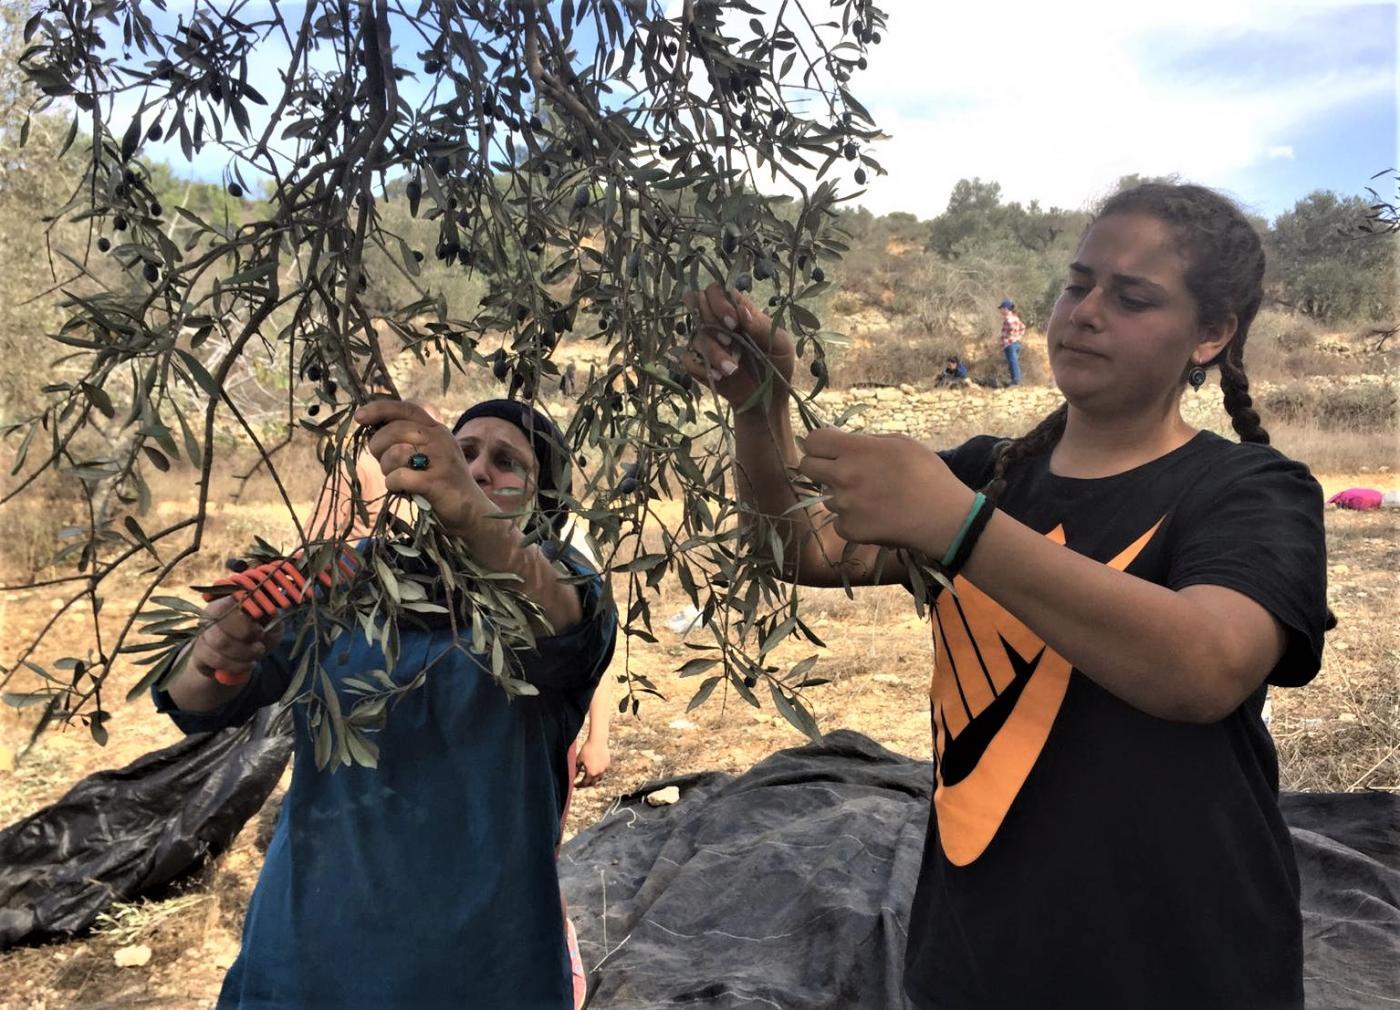 Famiglia palestinese raccoglie olive durante una visita in fattoria a nord-est di Ramallah, 2 novembre 2019 (MEE / Shatha Hammad)